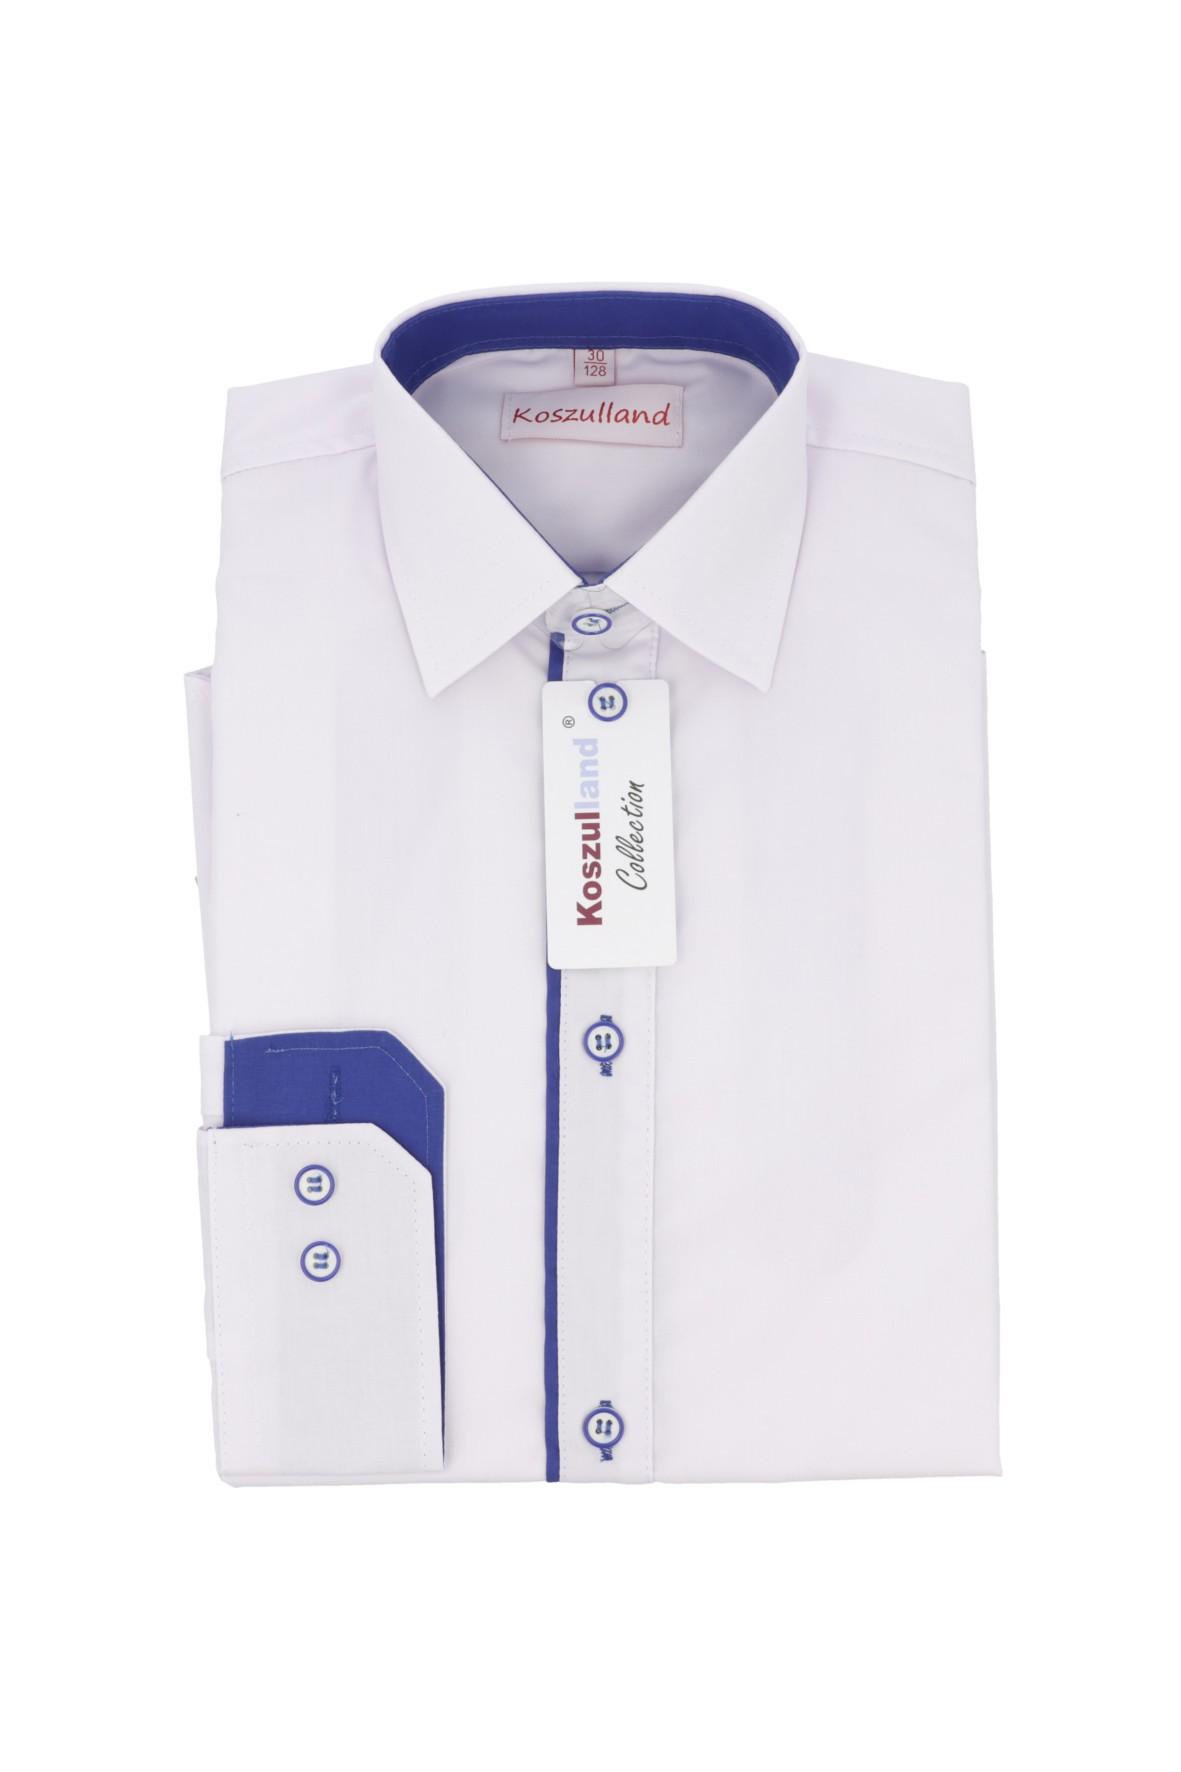 Koszula biała z niebieską plisą- długi rękaw